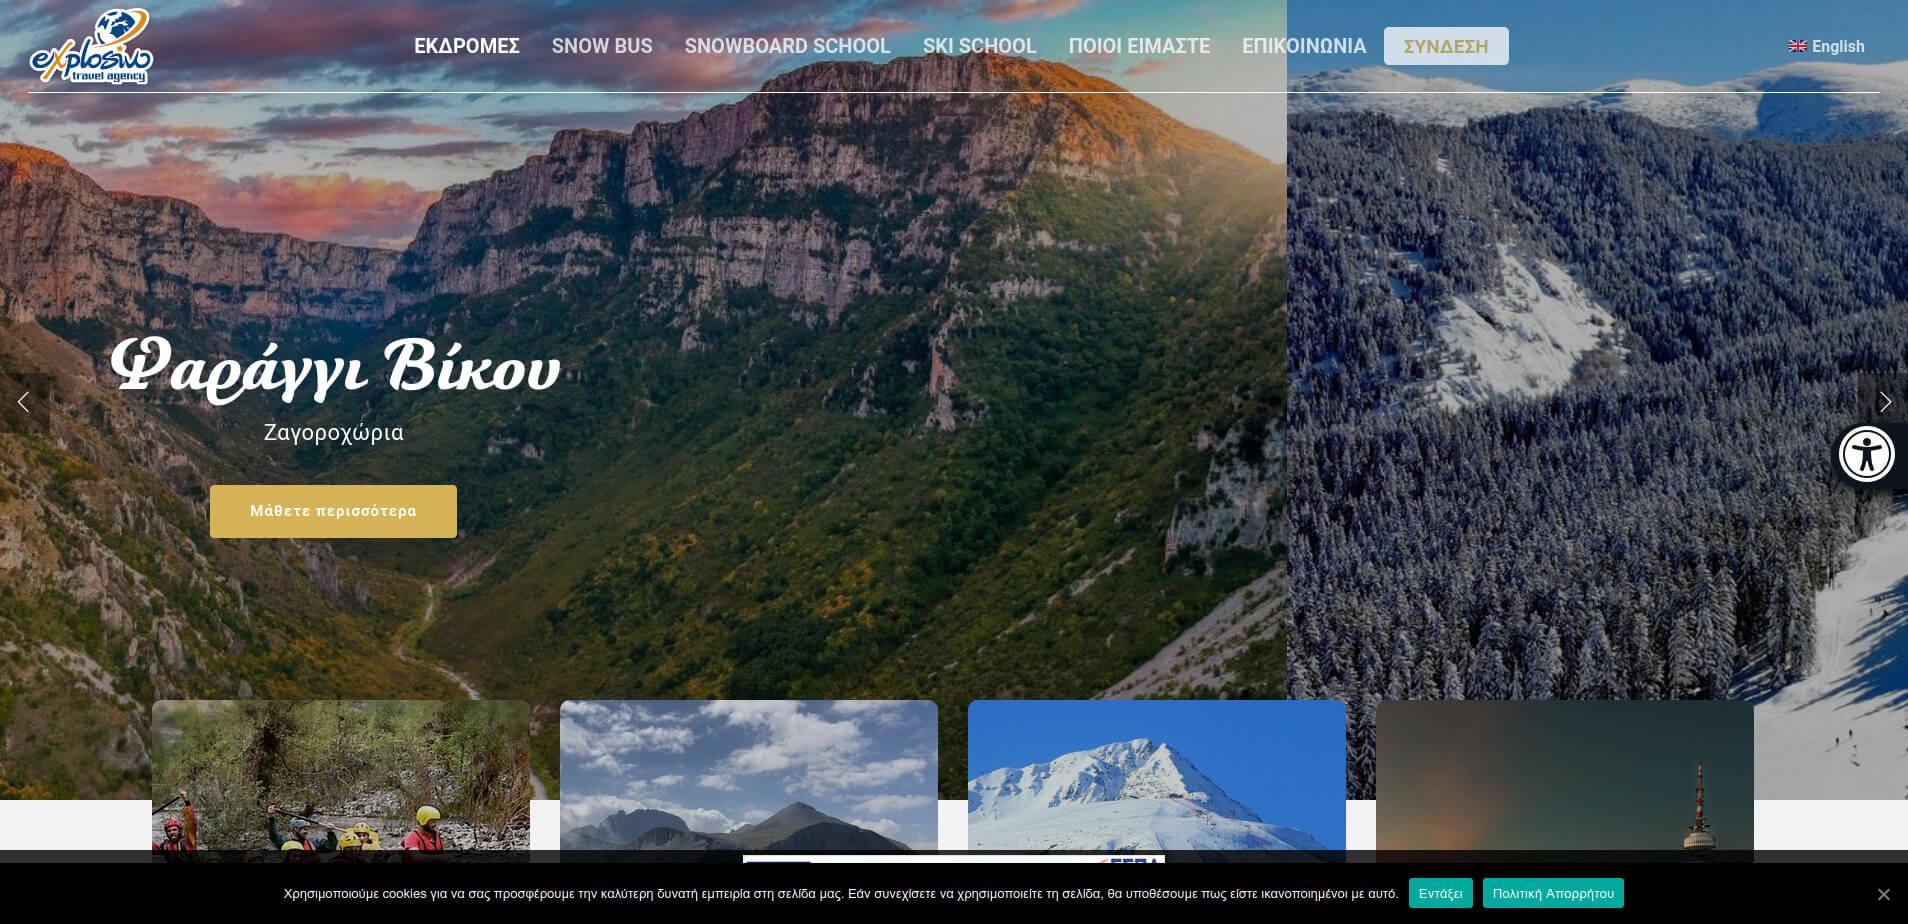 Μπάρα Προσβασιμότητας ΑμεΑ Eucleides - Ιστοσελίδες κατάλληλες για ΑμεΑ σύμφωνα με το πρότυπο WCAG 2.0 - Εγκατάσταση σε όλες τις πλατφόρμες ιστοτόπων - explosivo.gr